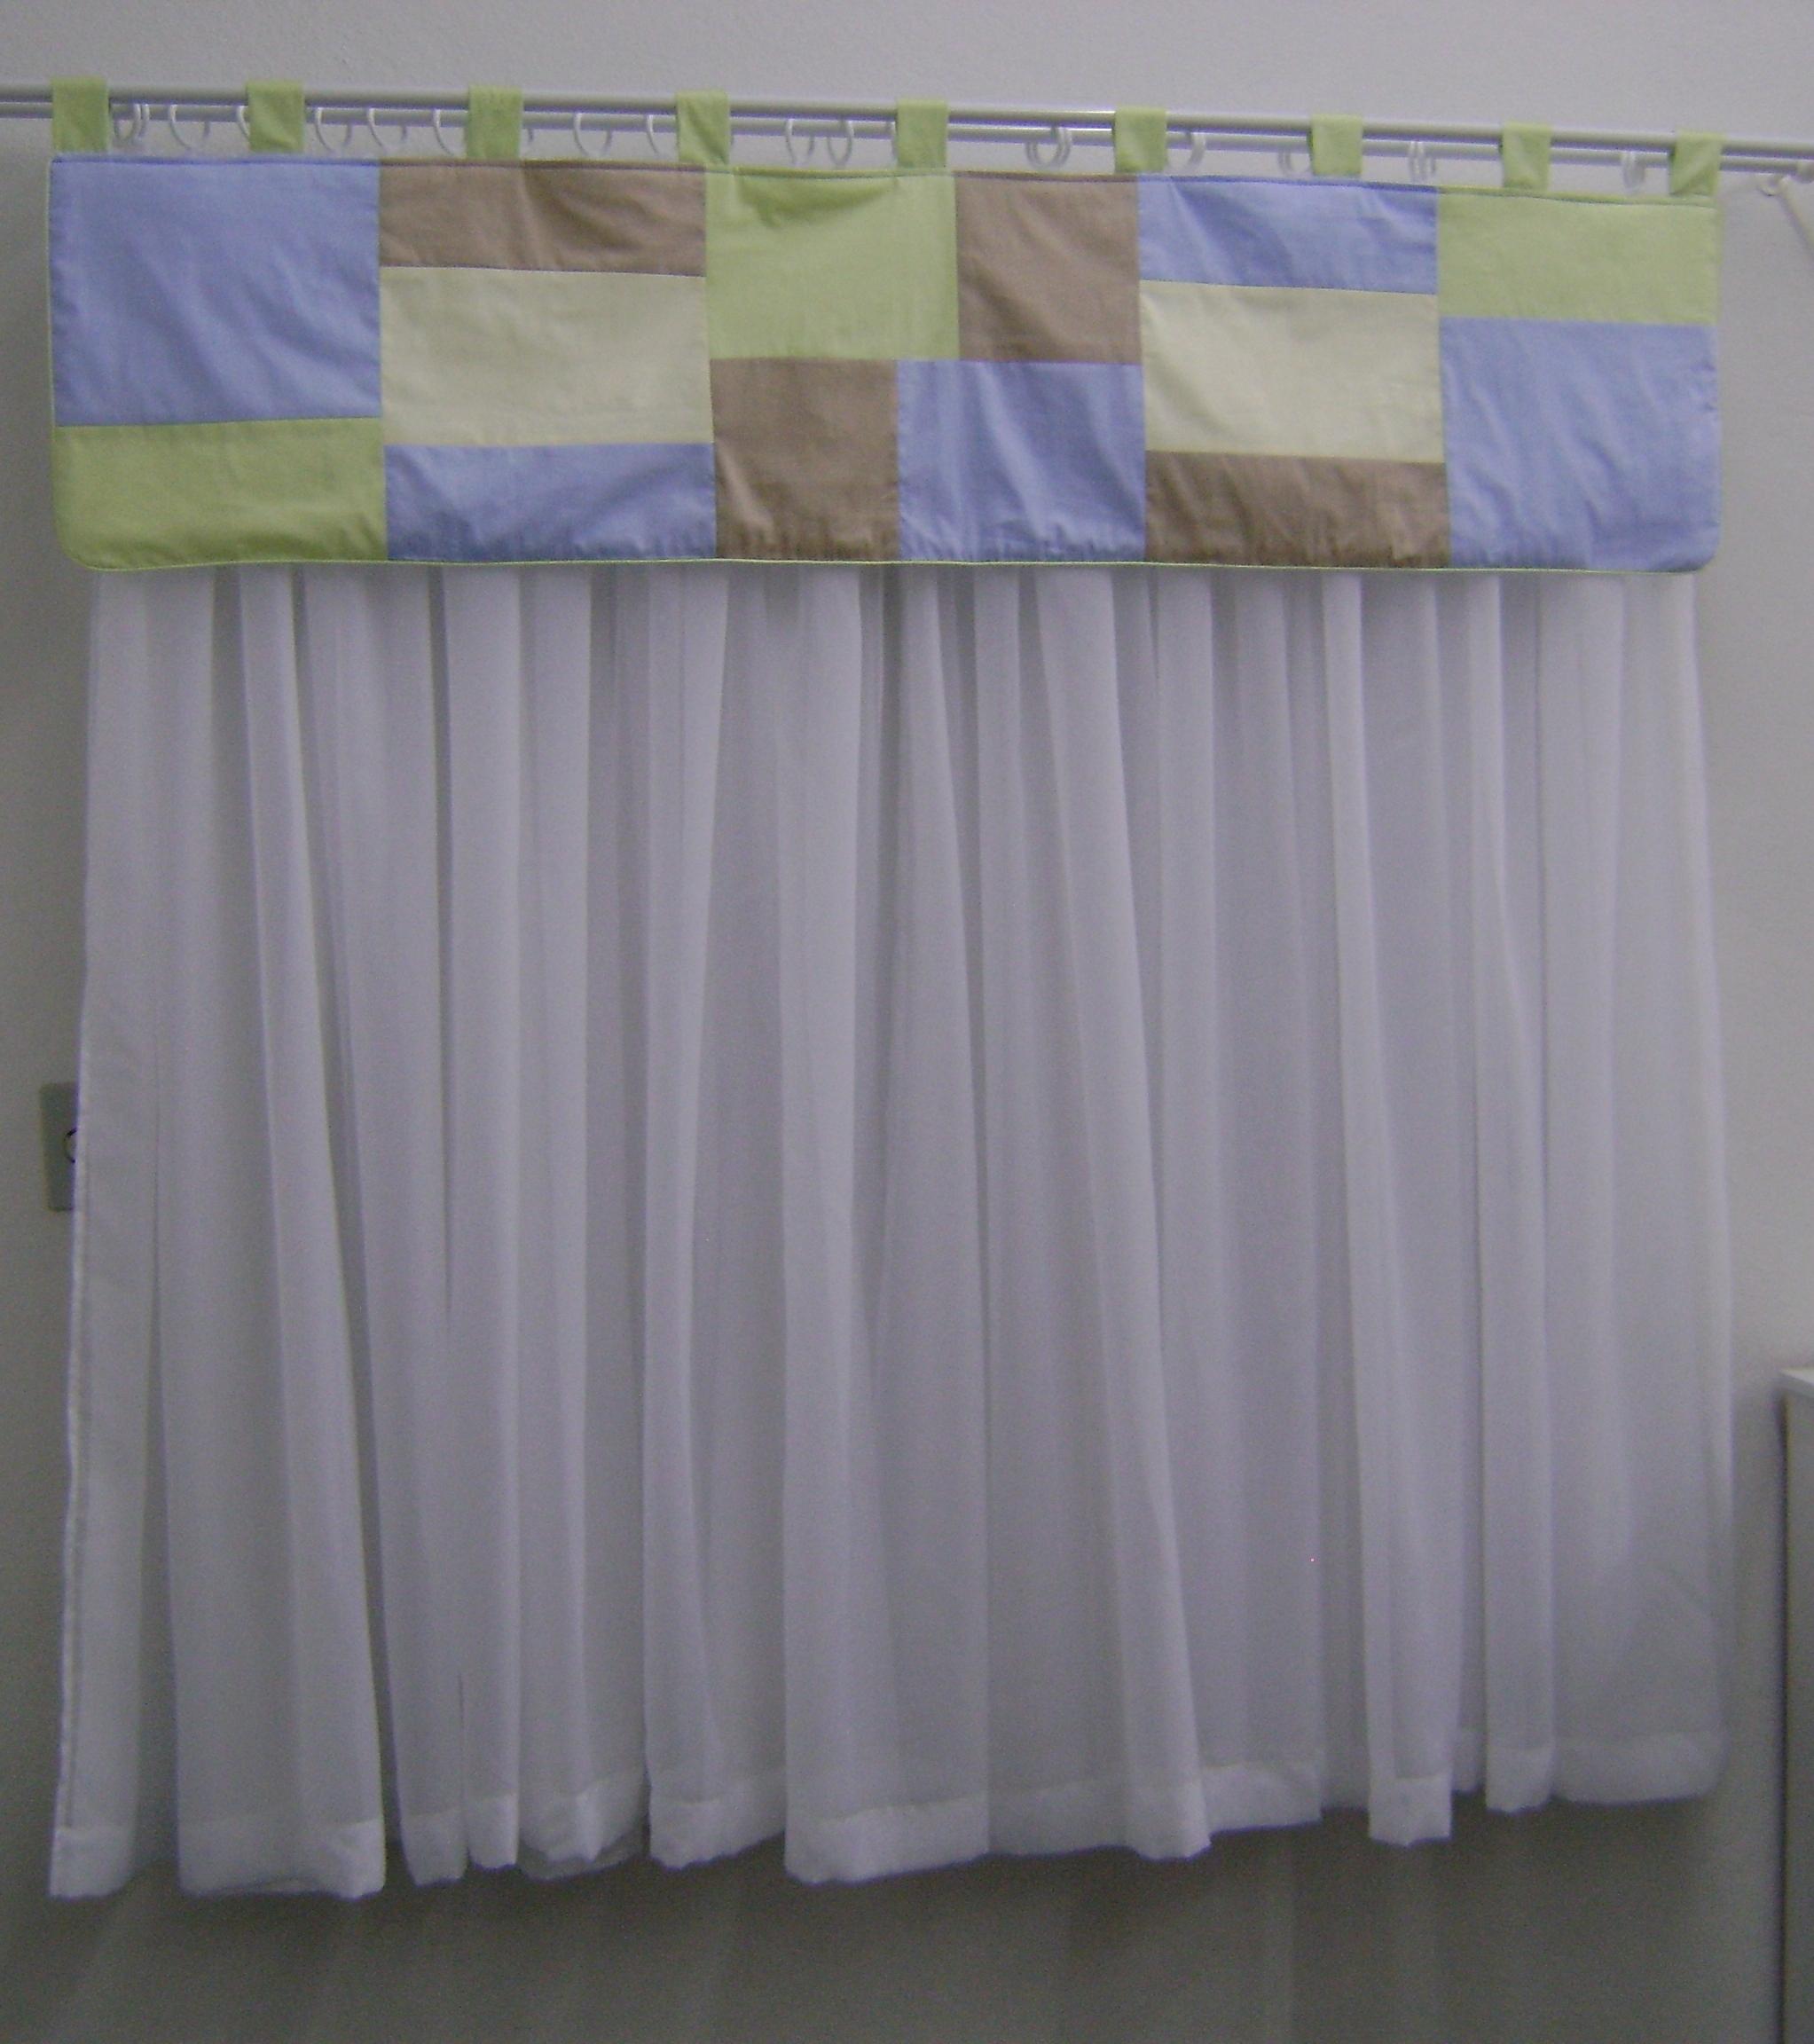 Passarinho enfeite cortina quarto beb elo7 - Cortinas para bebe ...